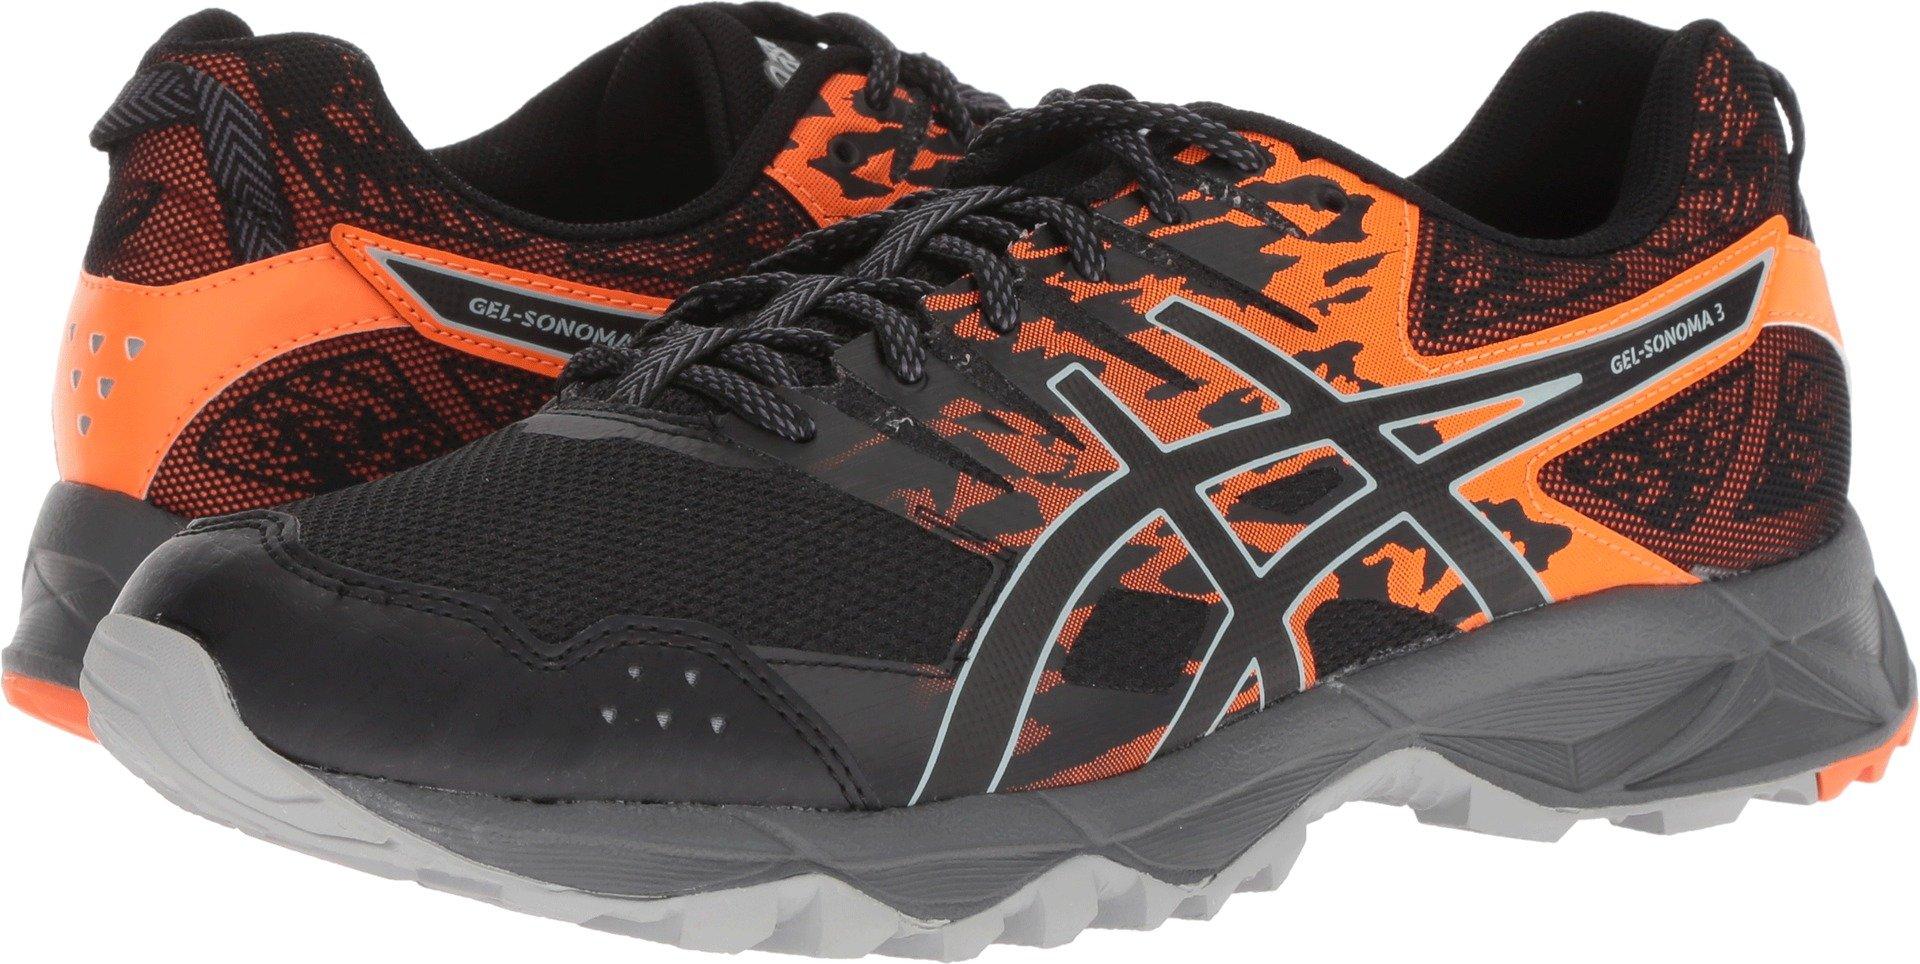 edebb49e ASICS T724N Men's Gel-Sonoma 3 Running Shoe, Black/Shocking Orange - 11.5  D(M) US